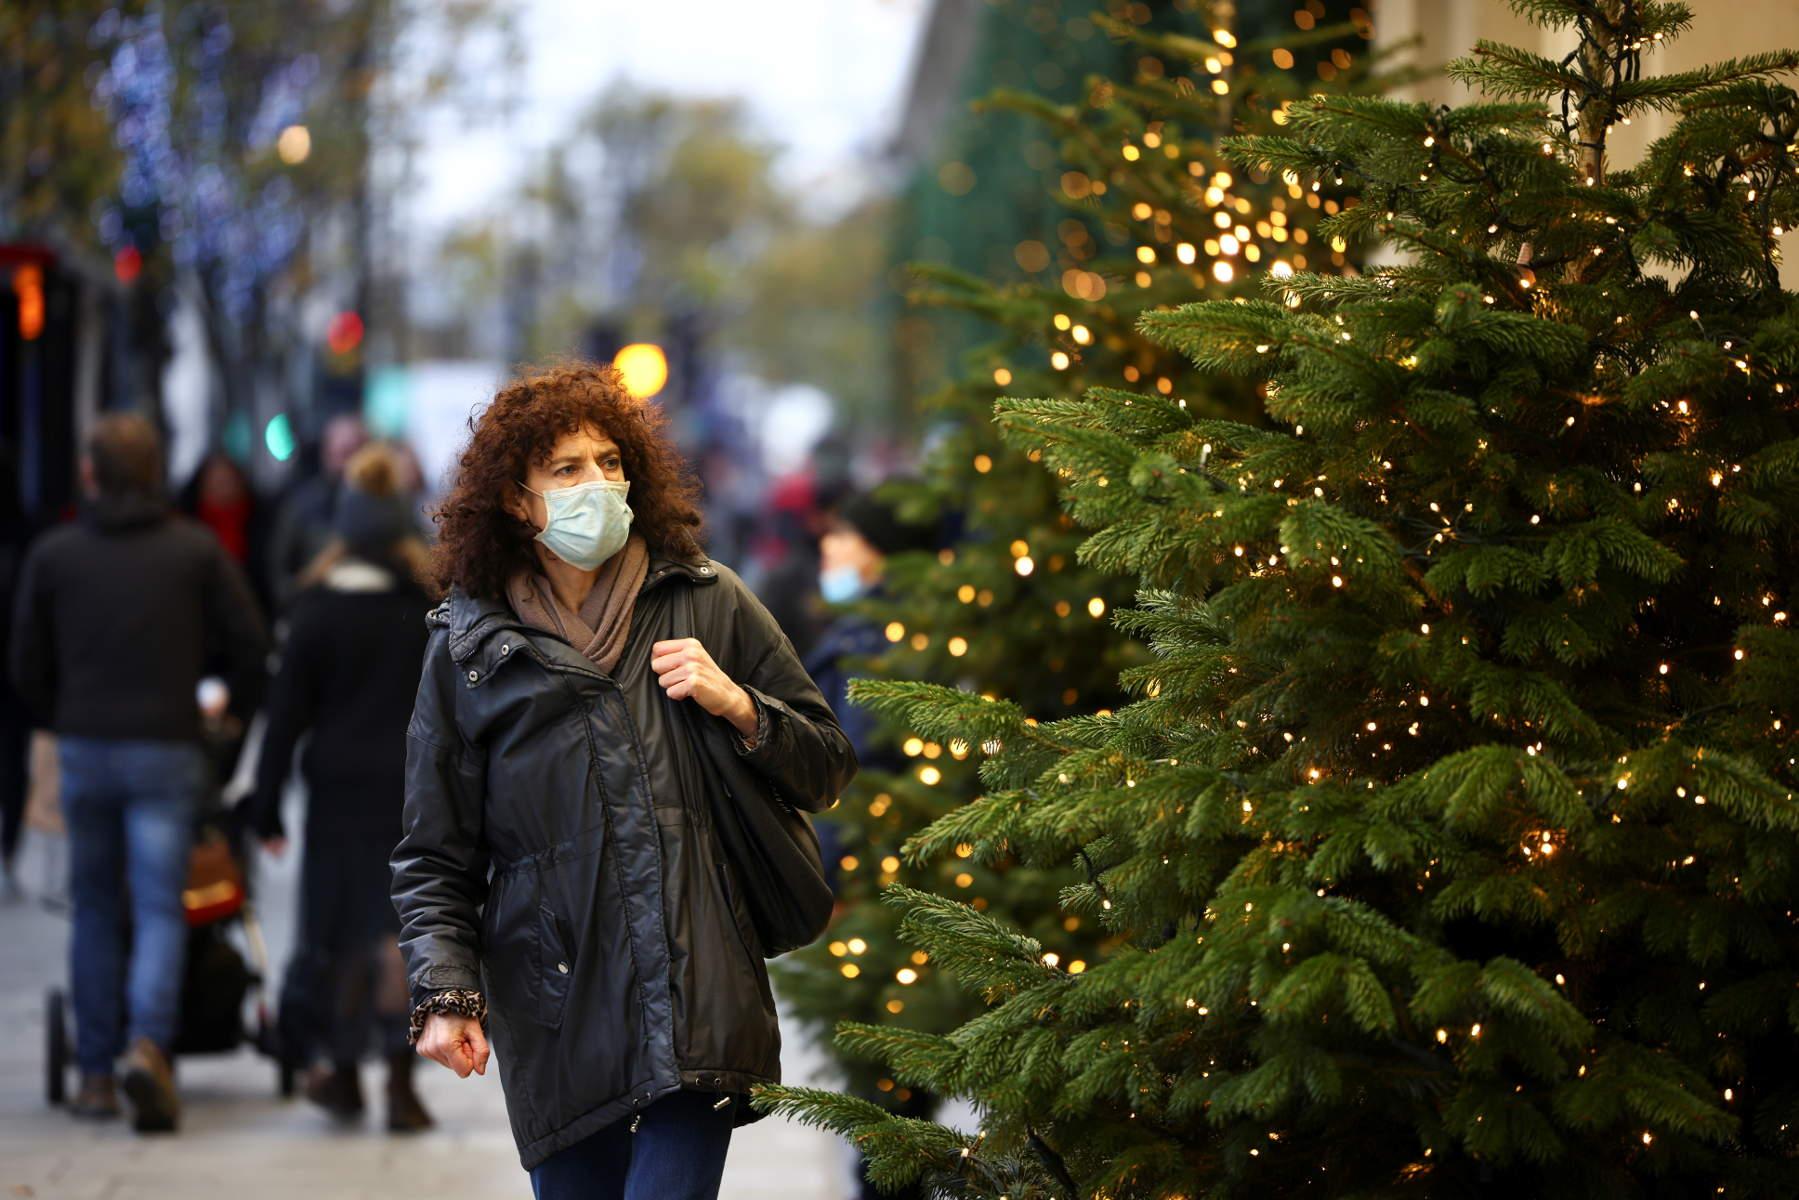 Κορονοϊός: Χαλαρώνει η καραντίνα για τα Χριστούγεννα  στη Βρετανία